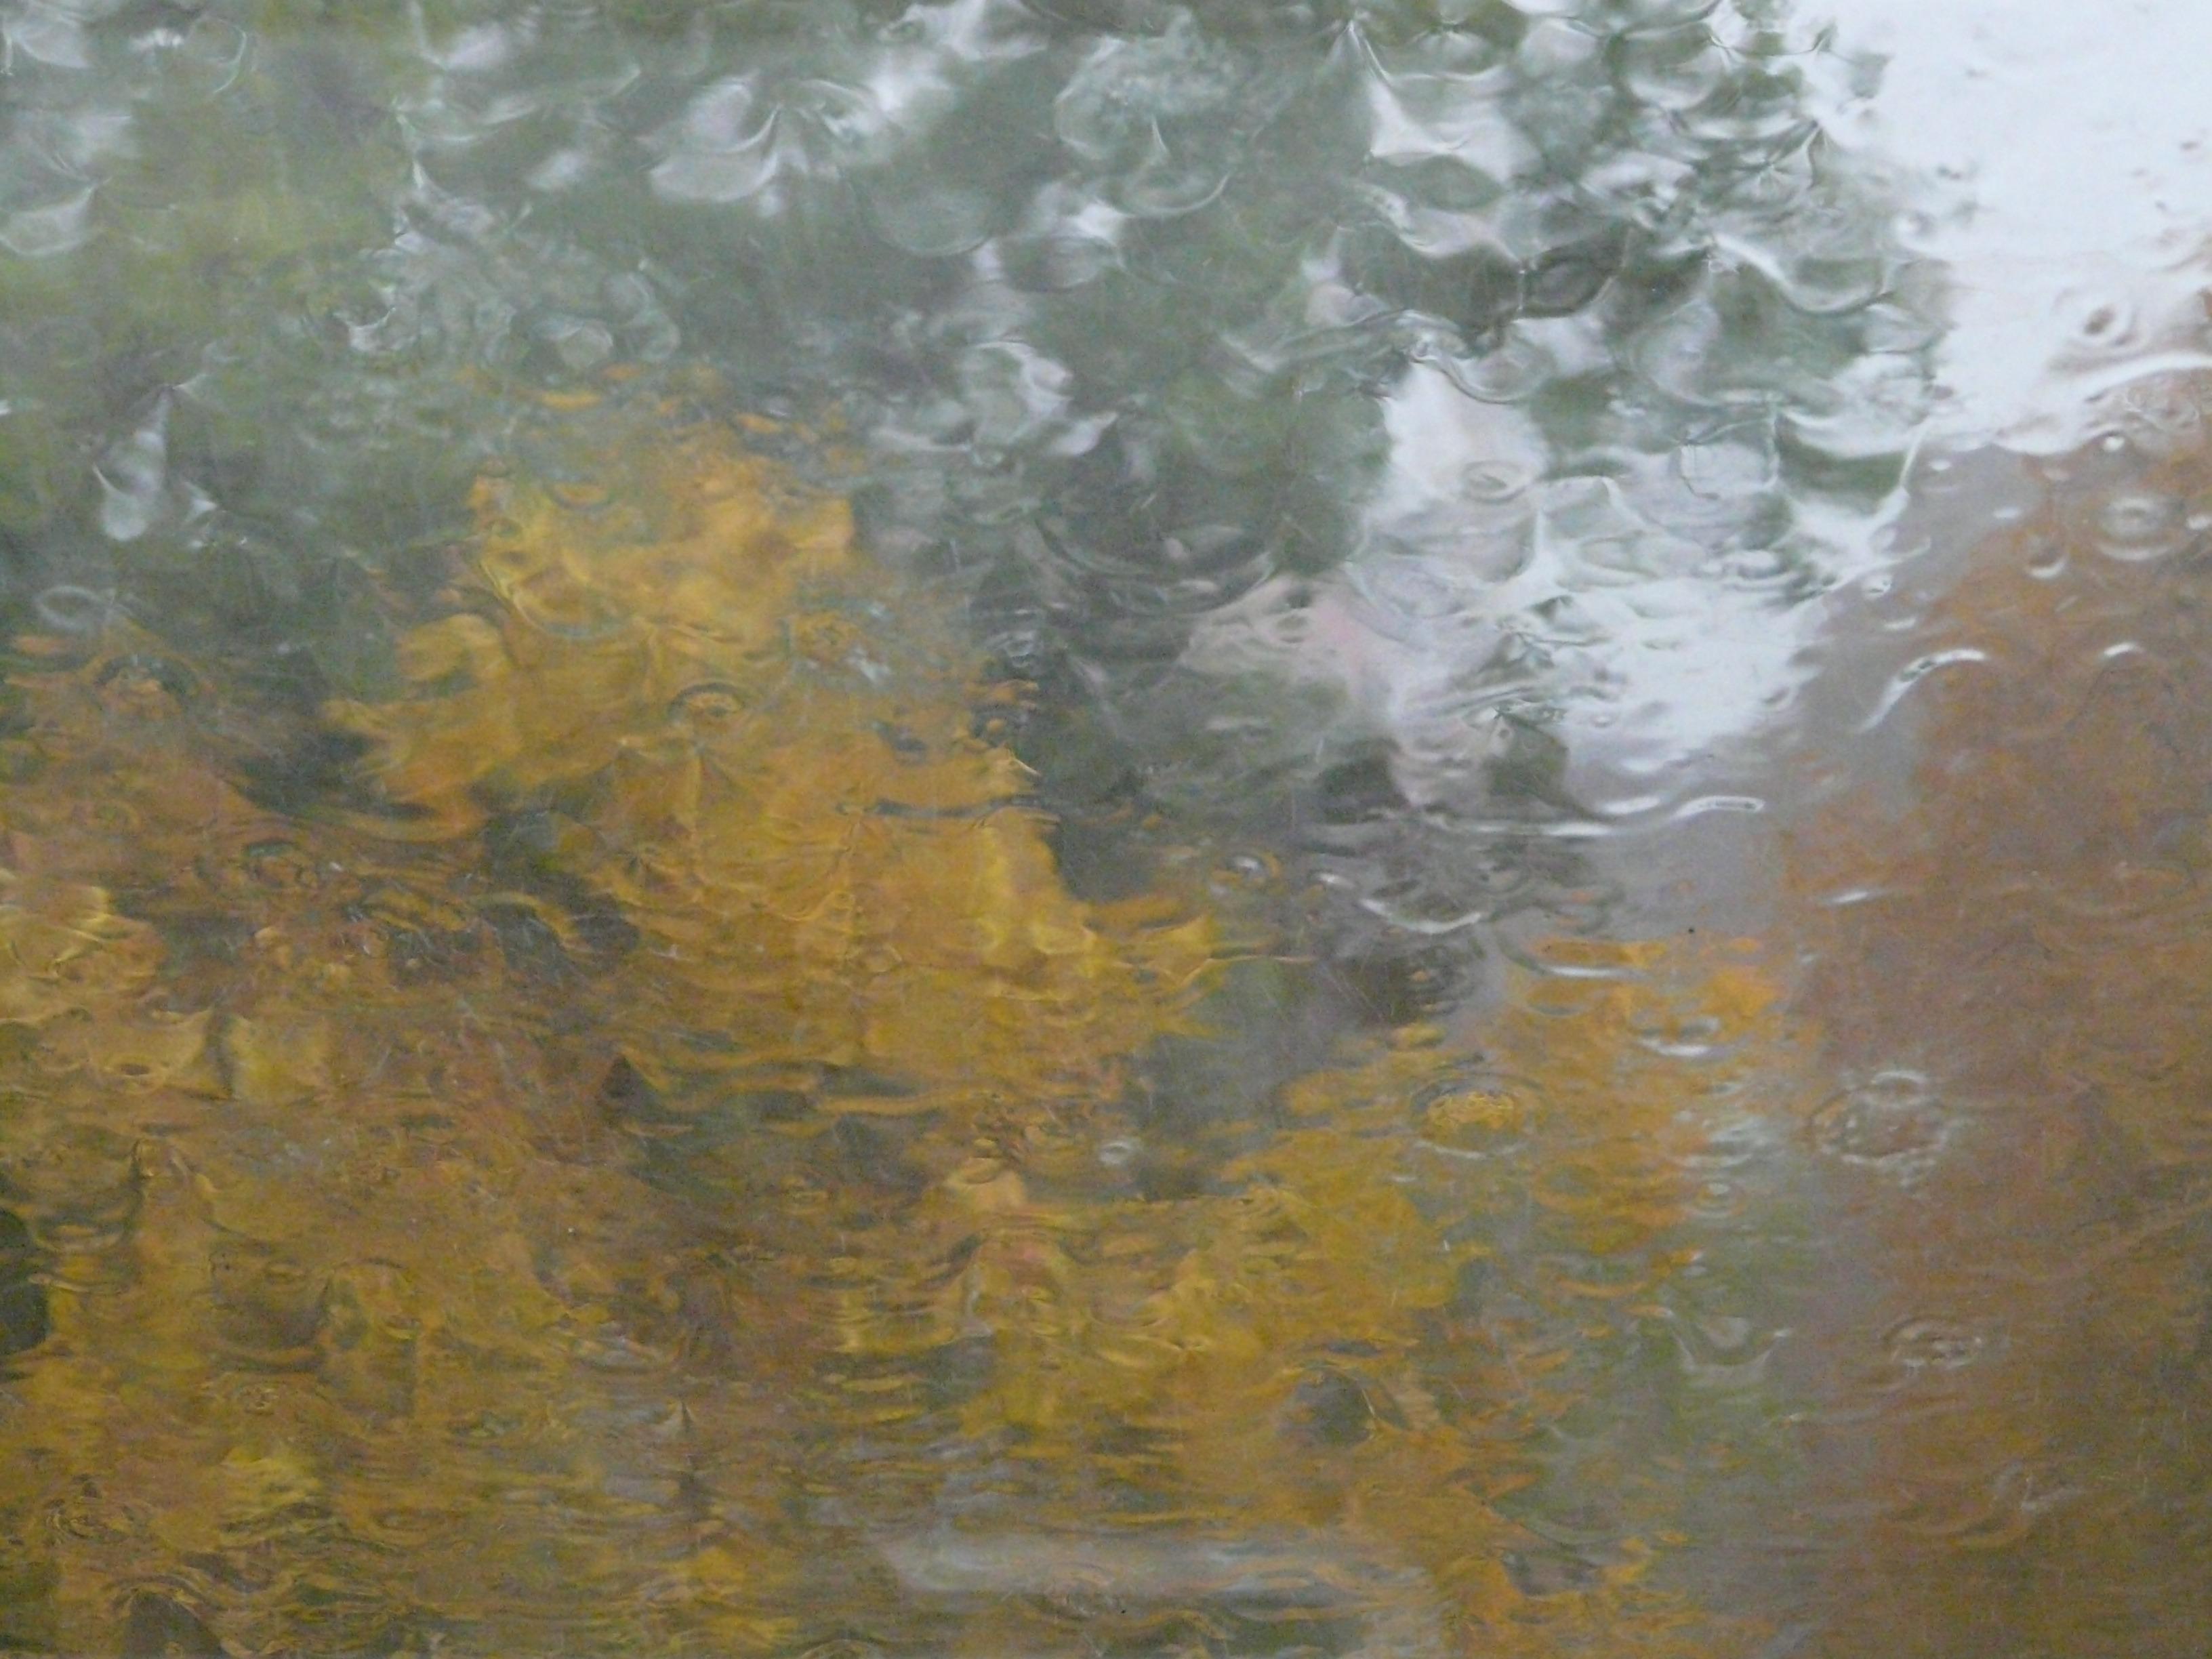 Fotoğraf Doku Yağmur Yaprak Zemin Pencere Bardak çorak